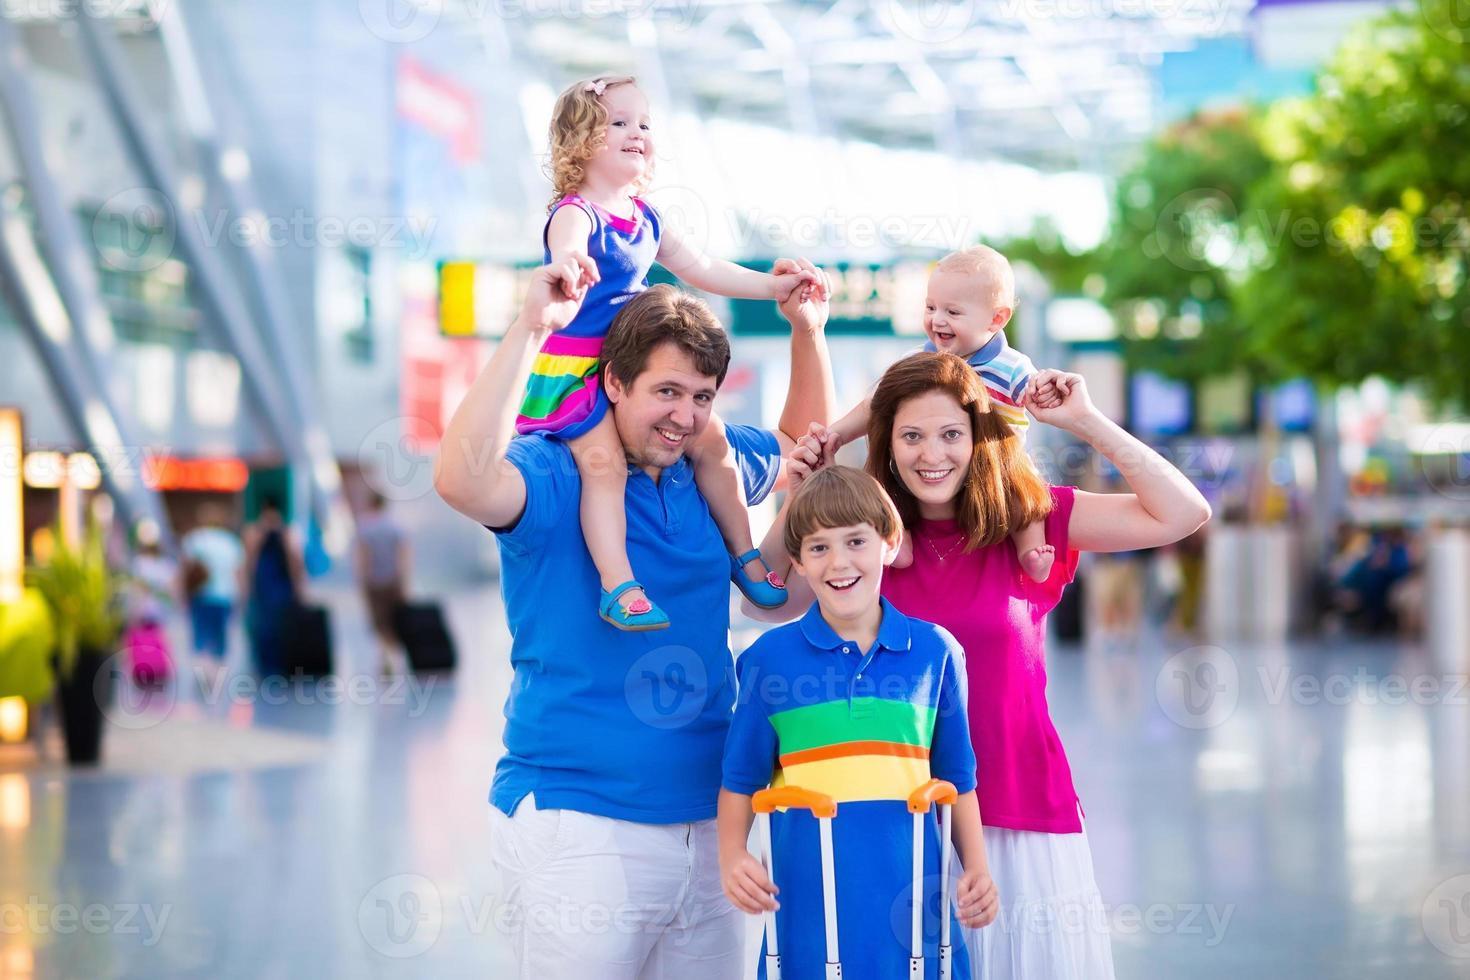 jolie famille avec des enfants à l'aéroport photo